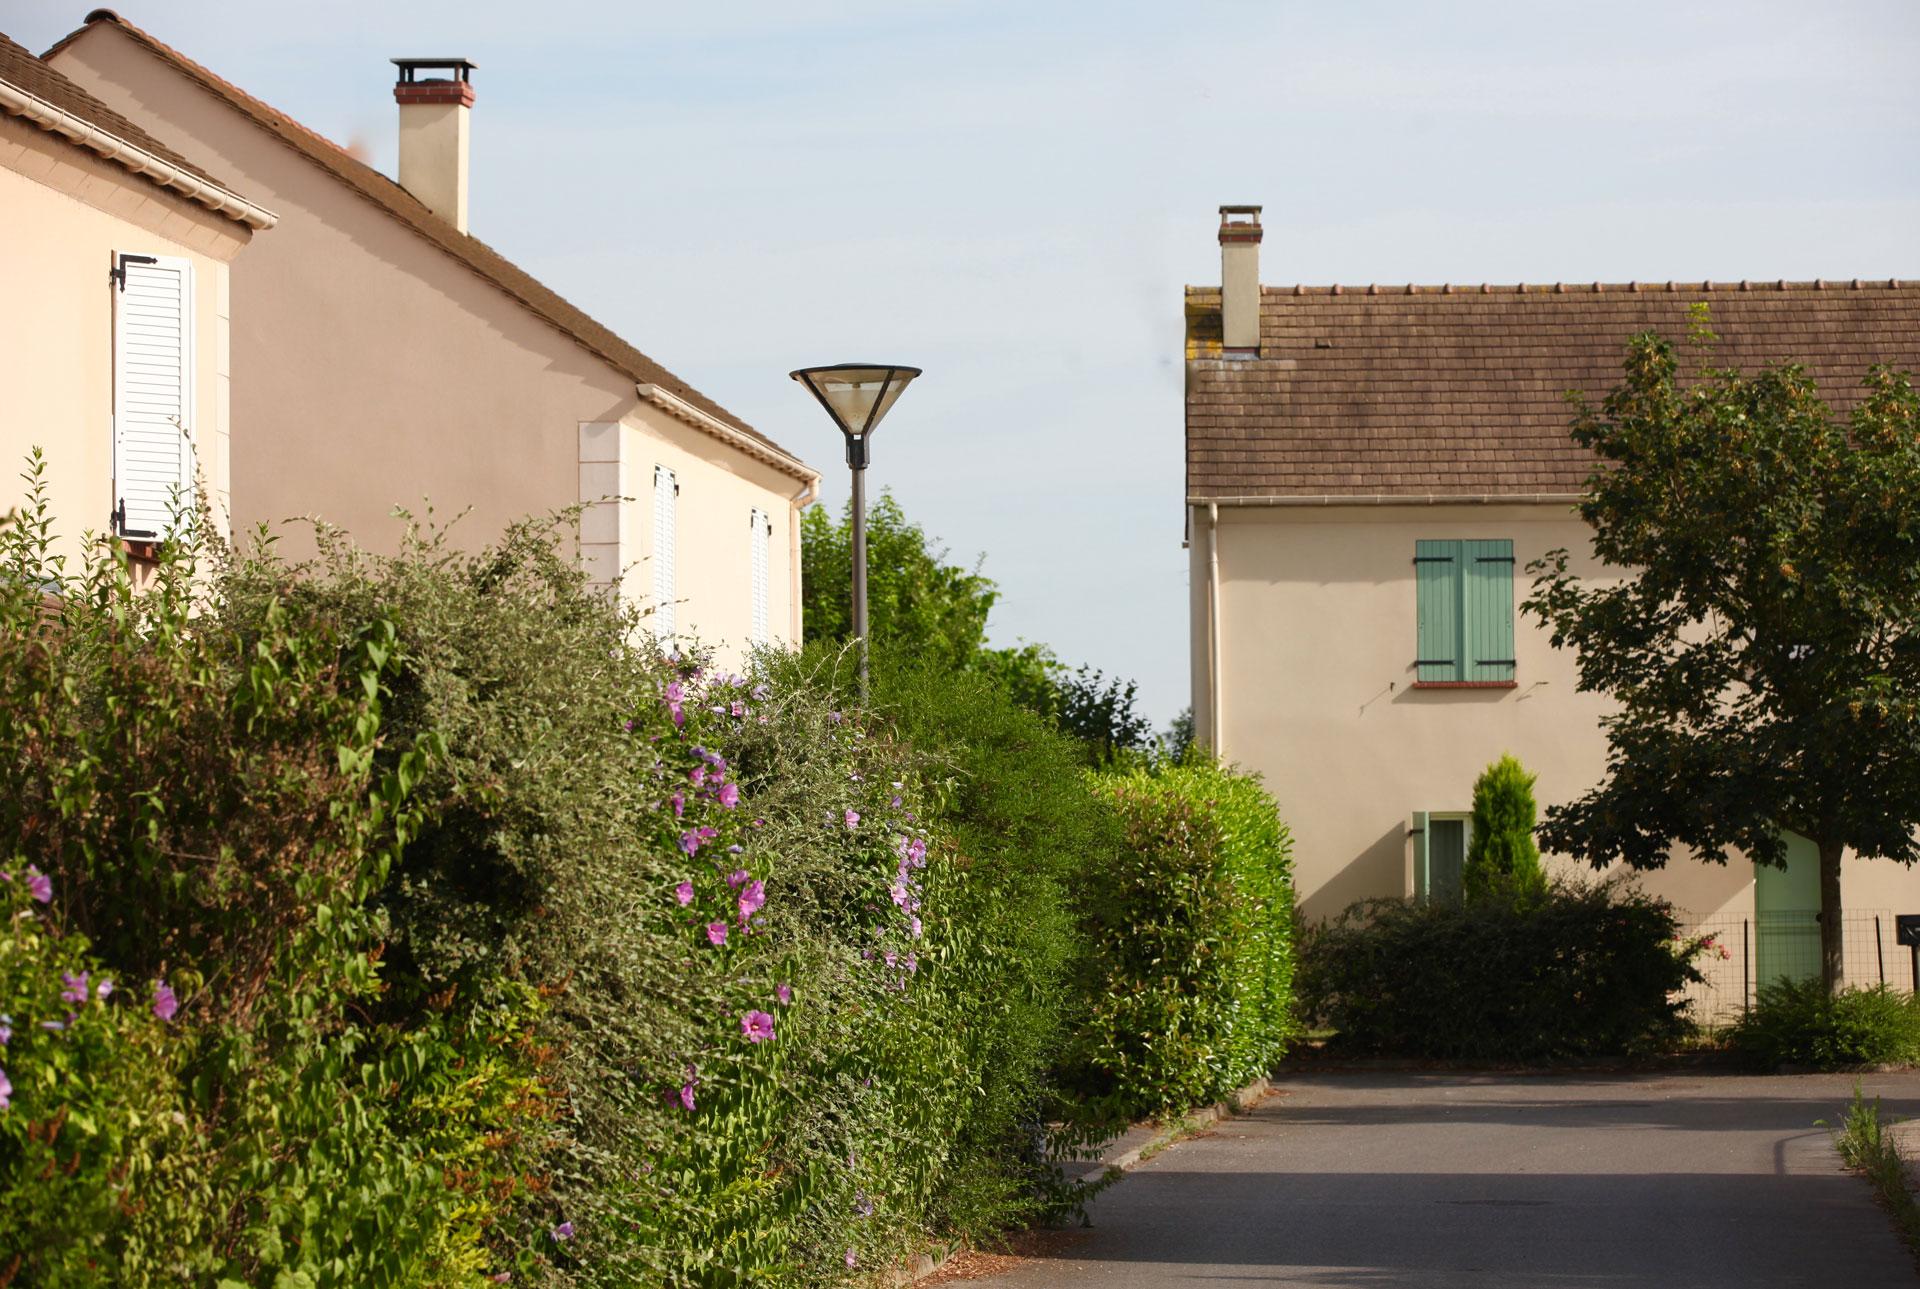 Residence_du_Chateau_1